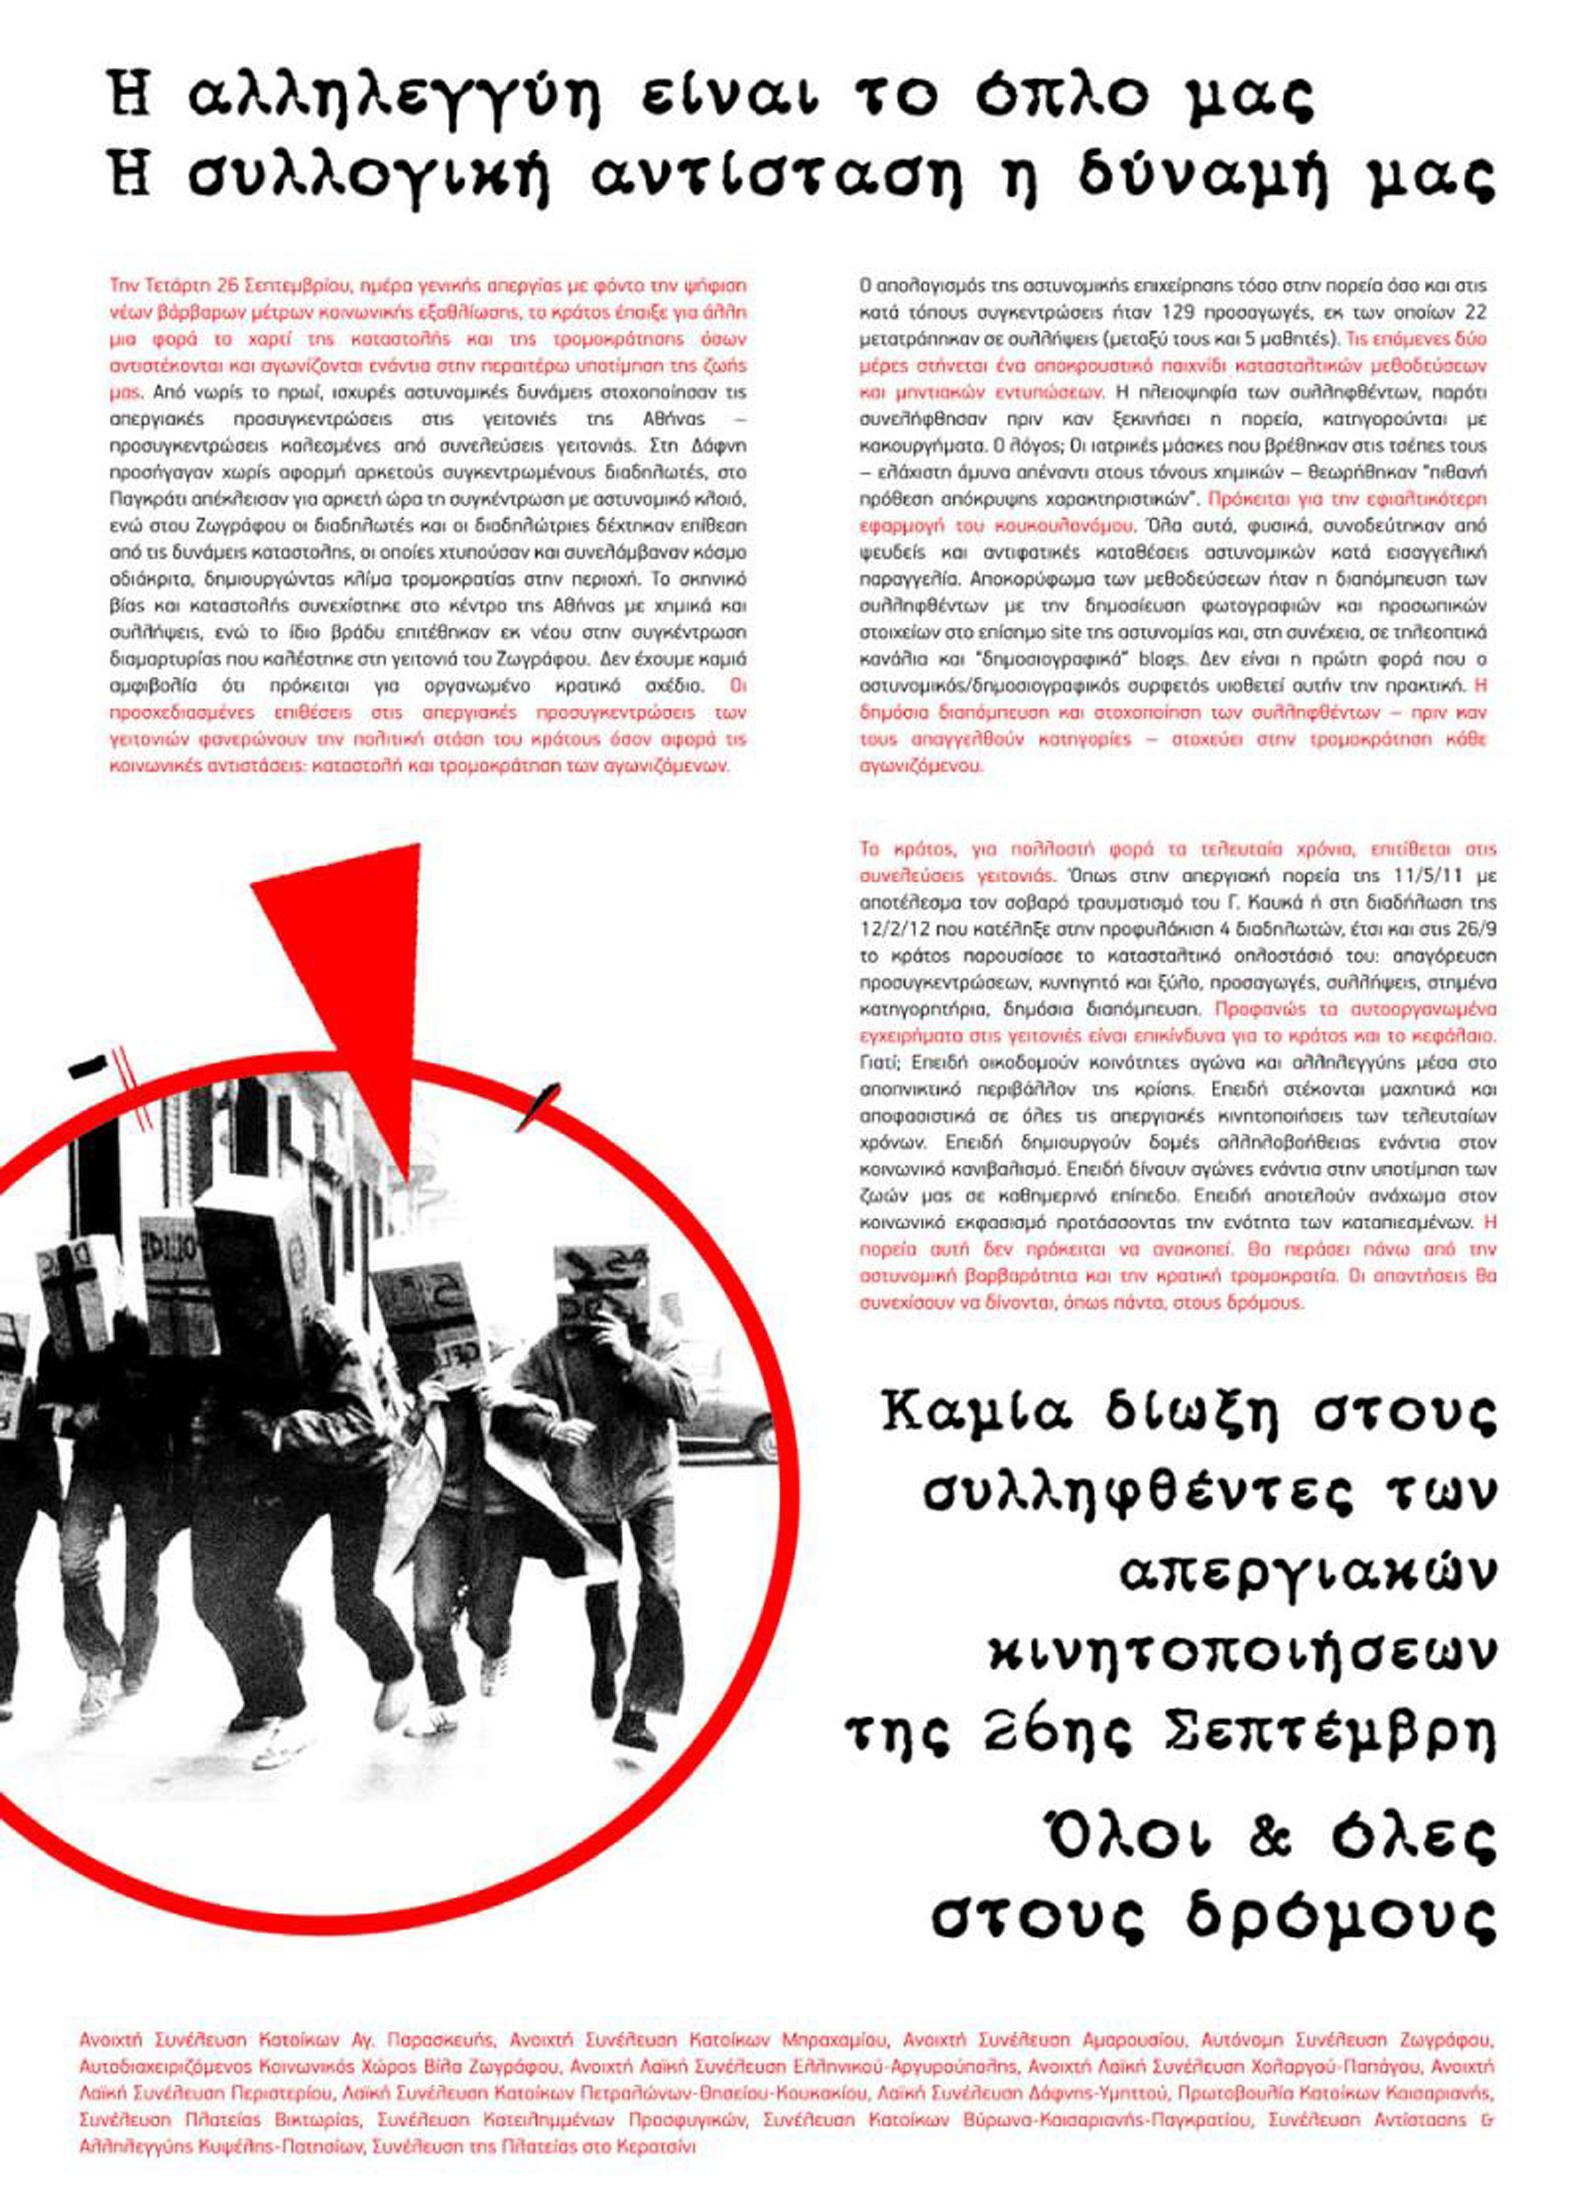 http://laikisineleusipetralona.espivblogs.net/files/2012/10/afisa-sineleuseis-sygentrosi-syntagma06102012.jpg